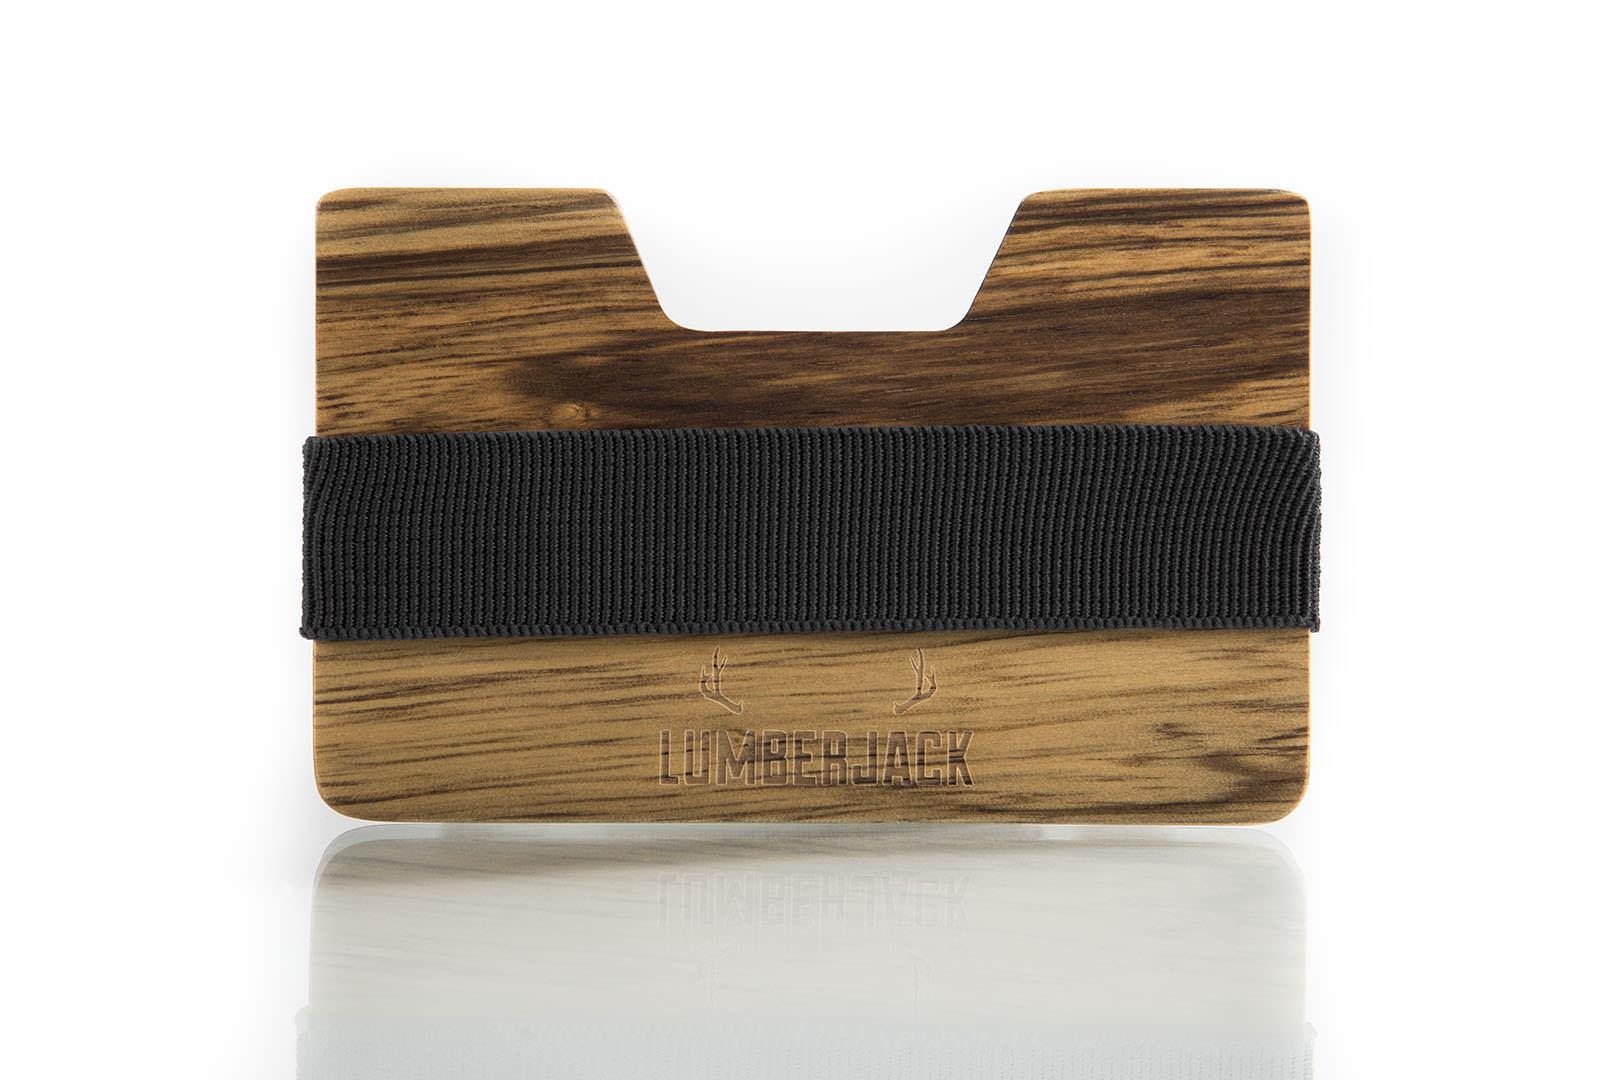 lumberjack_wallet_06